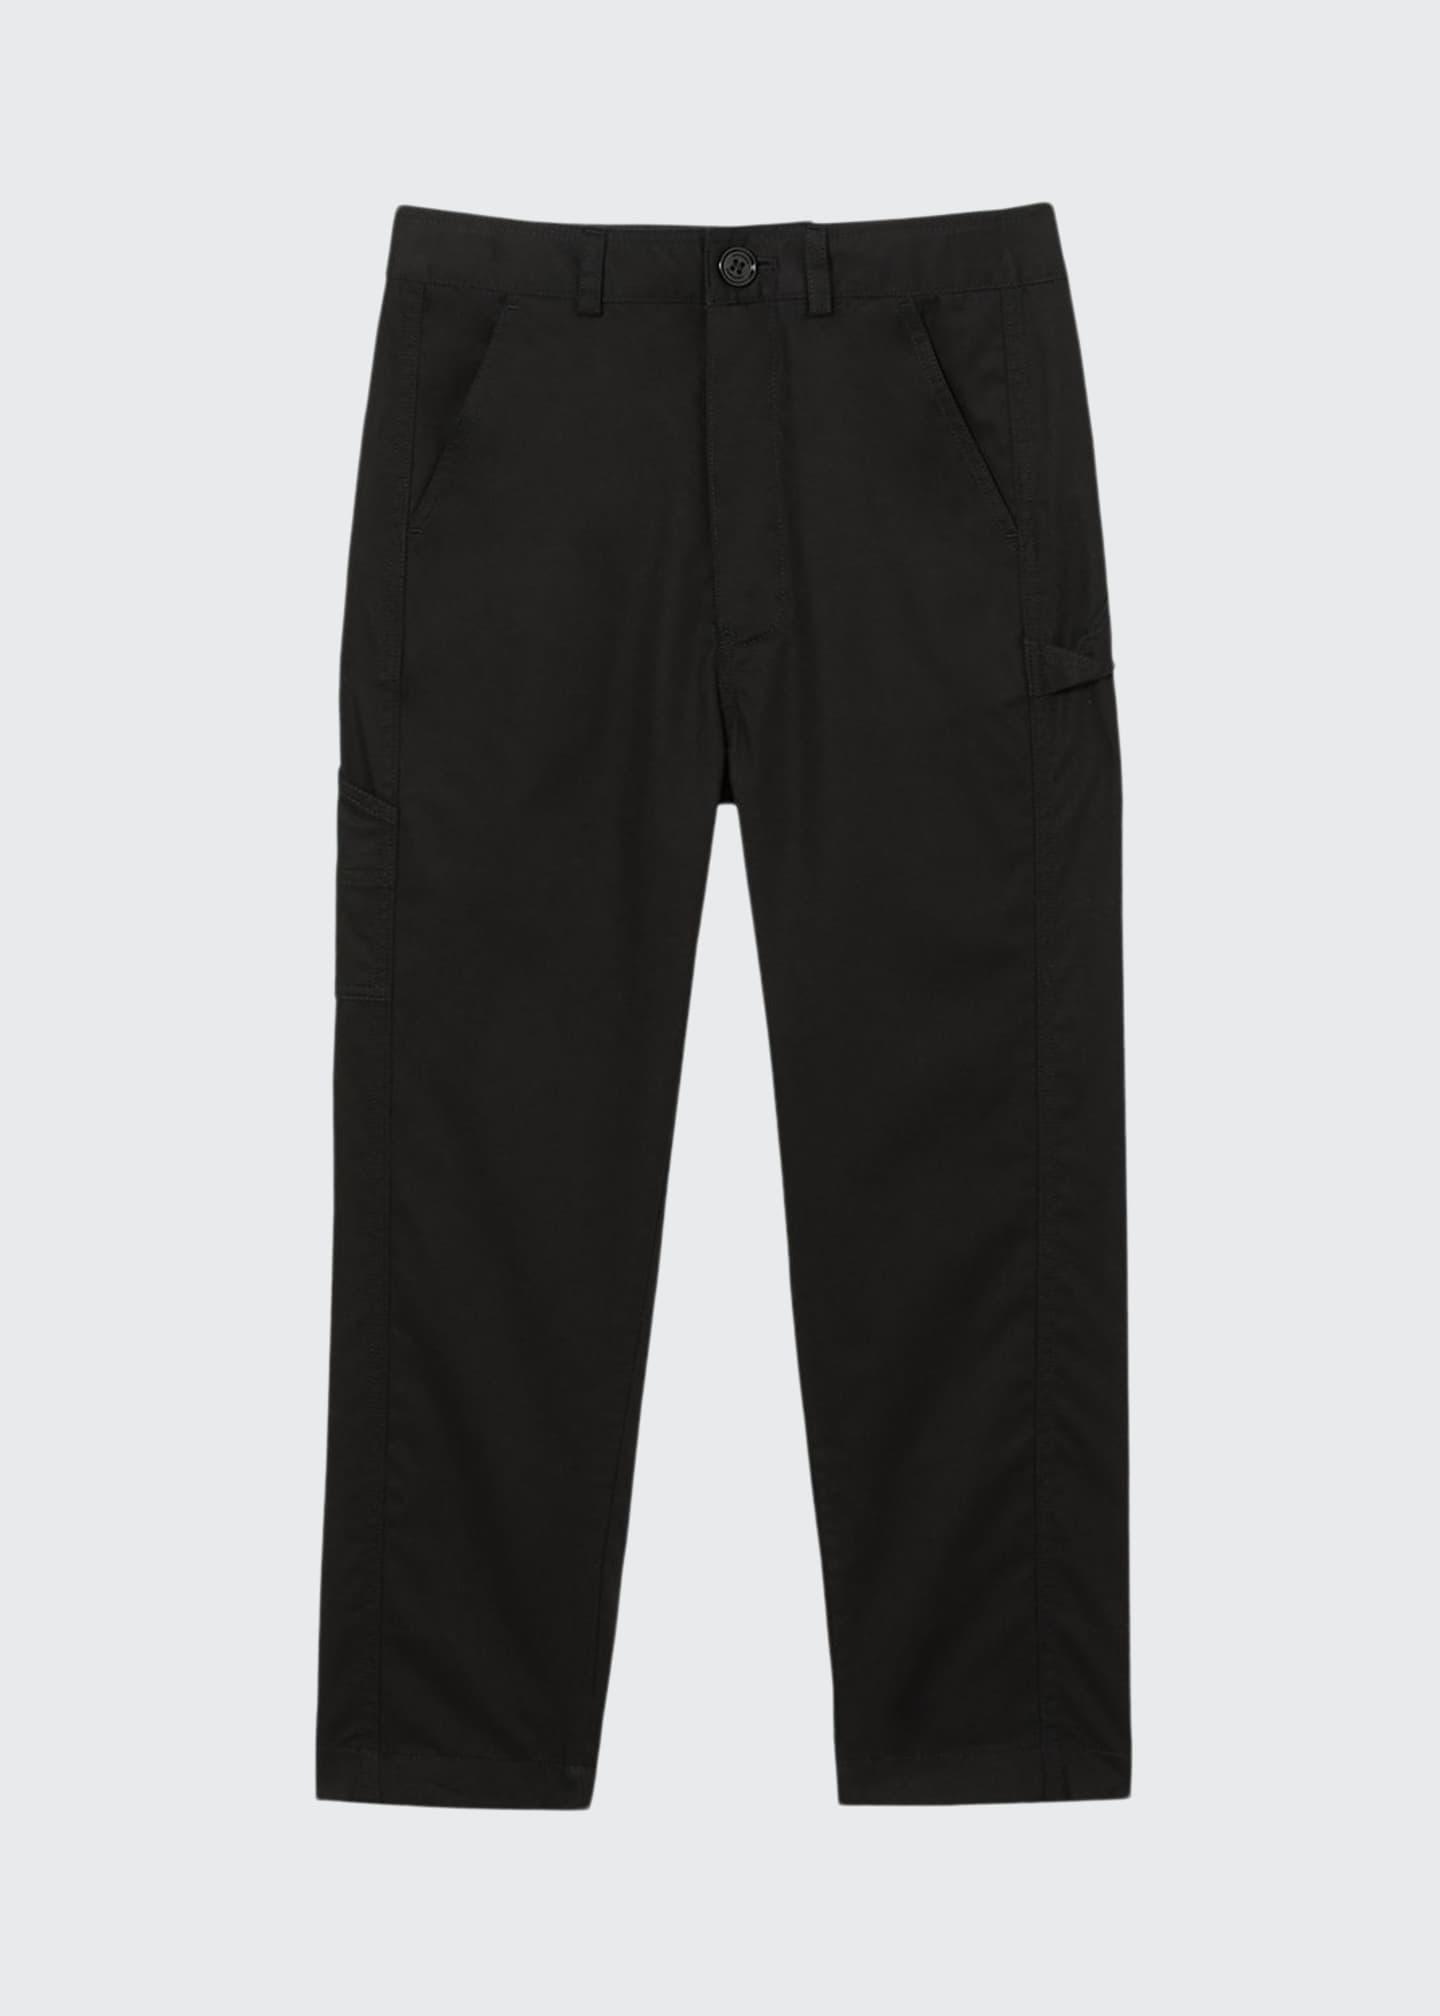 Burberry Boy's Trousers w/ Logo Patch, Size 3-14